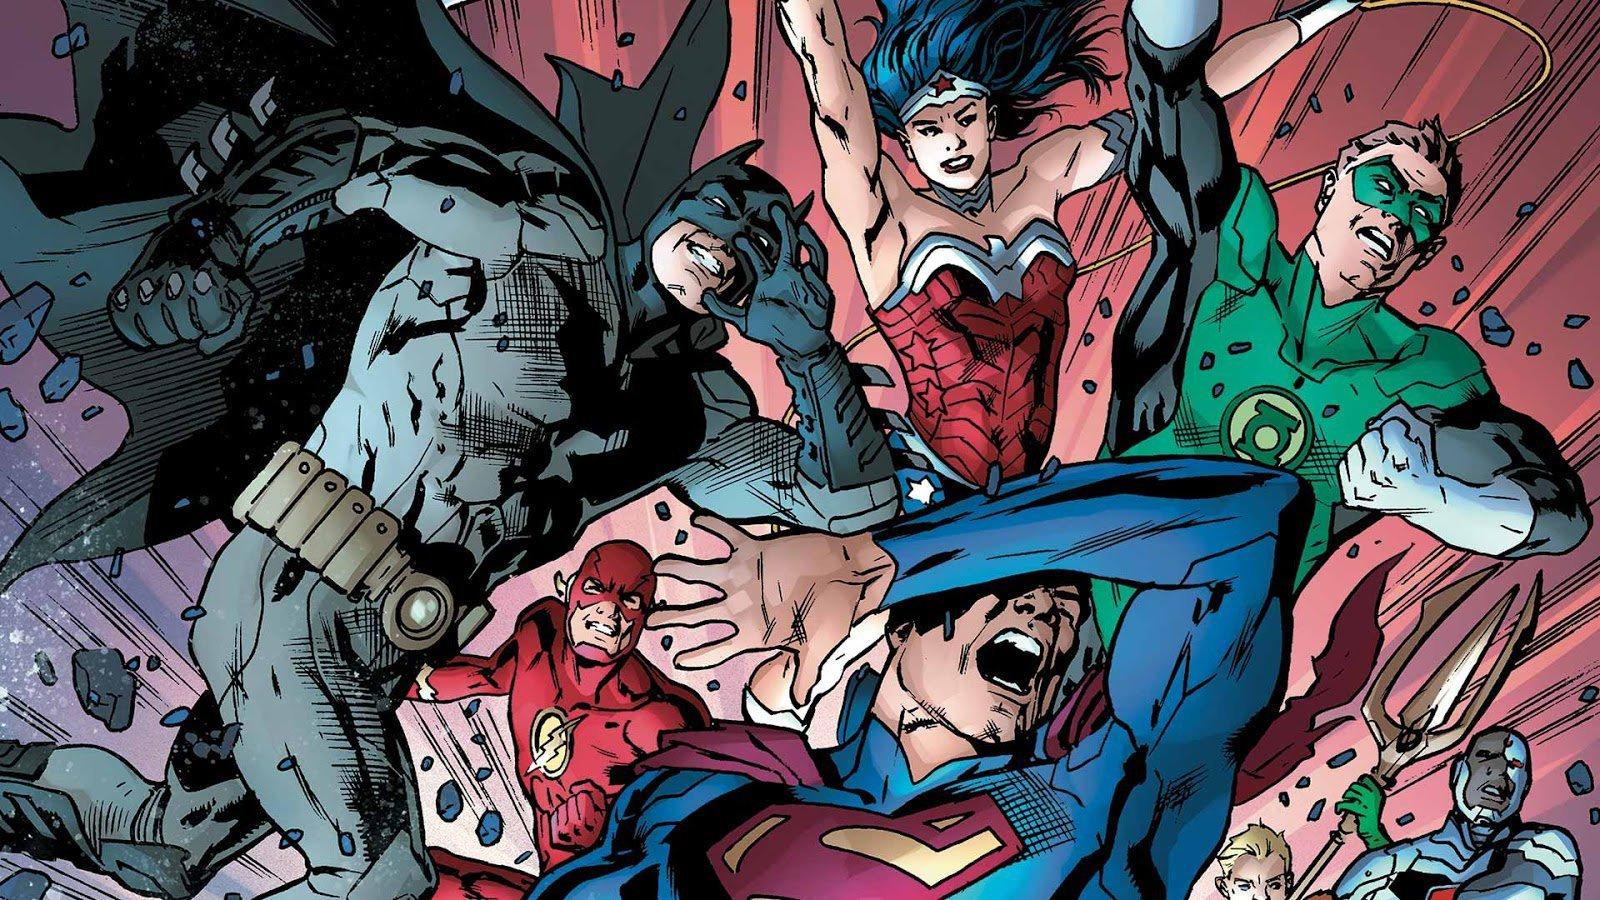 Affleck miał zrobić Justice League 6 lat temu – scenariusz trafił do sieci